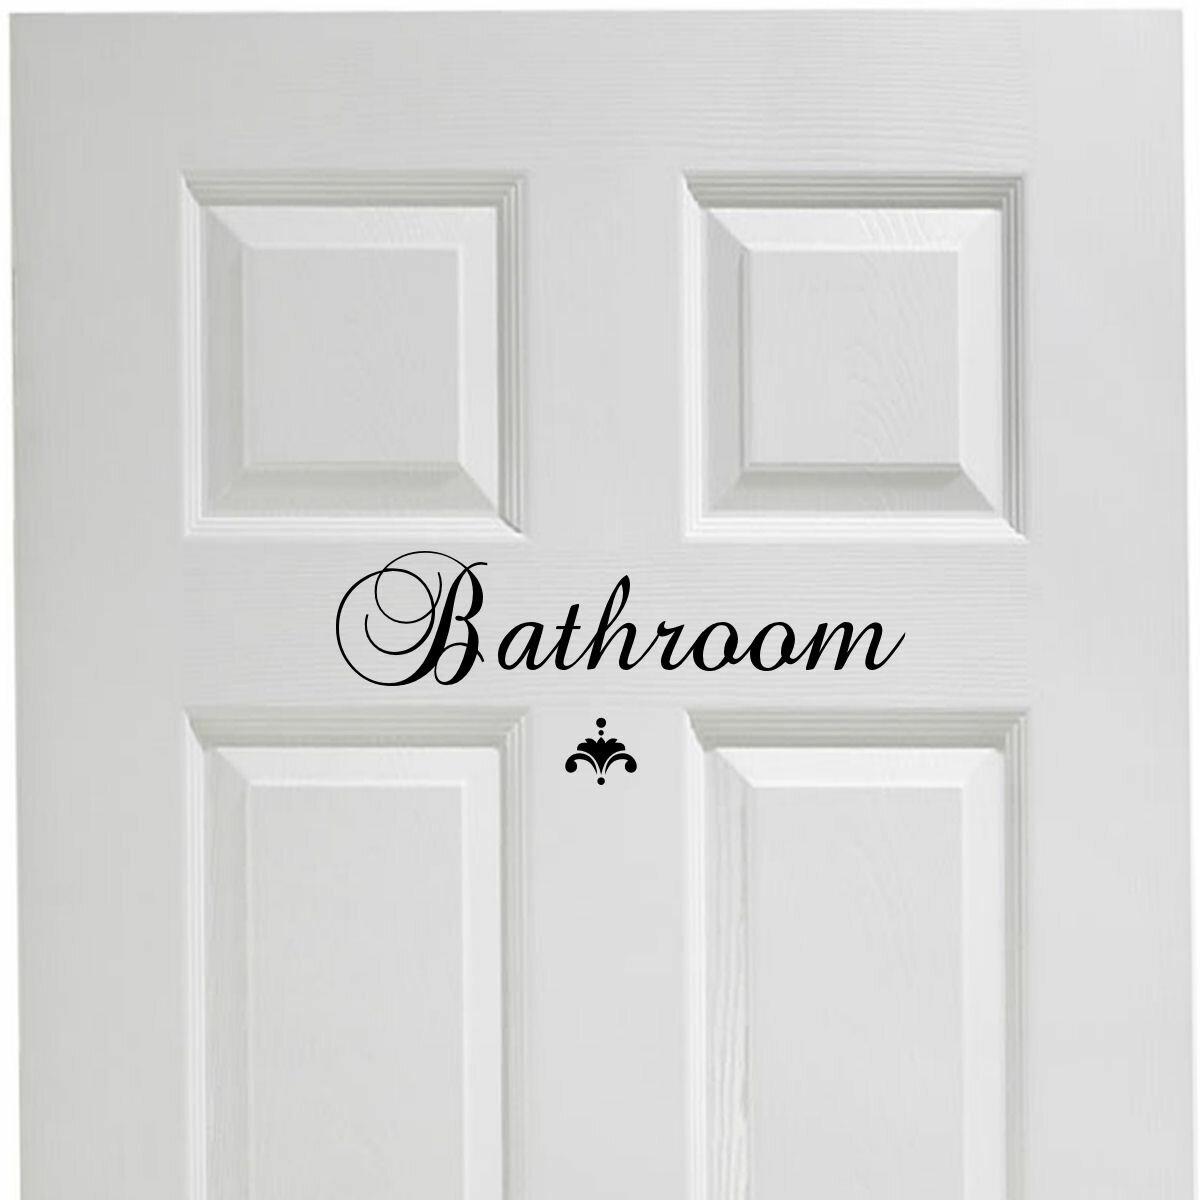 . Bathroom Door Decal